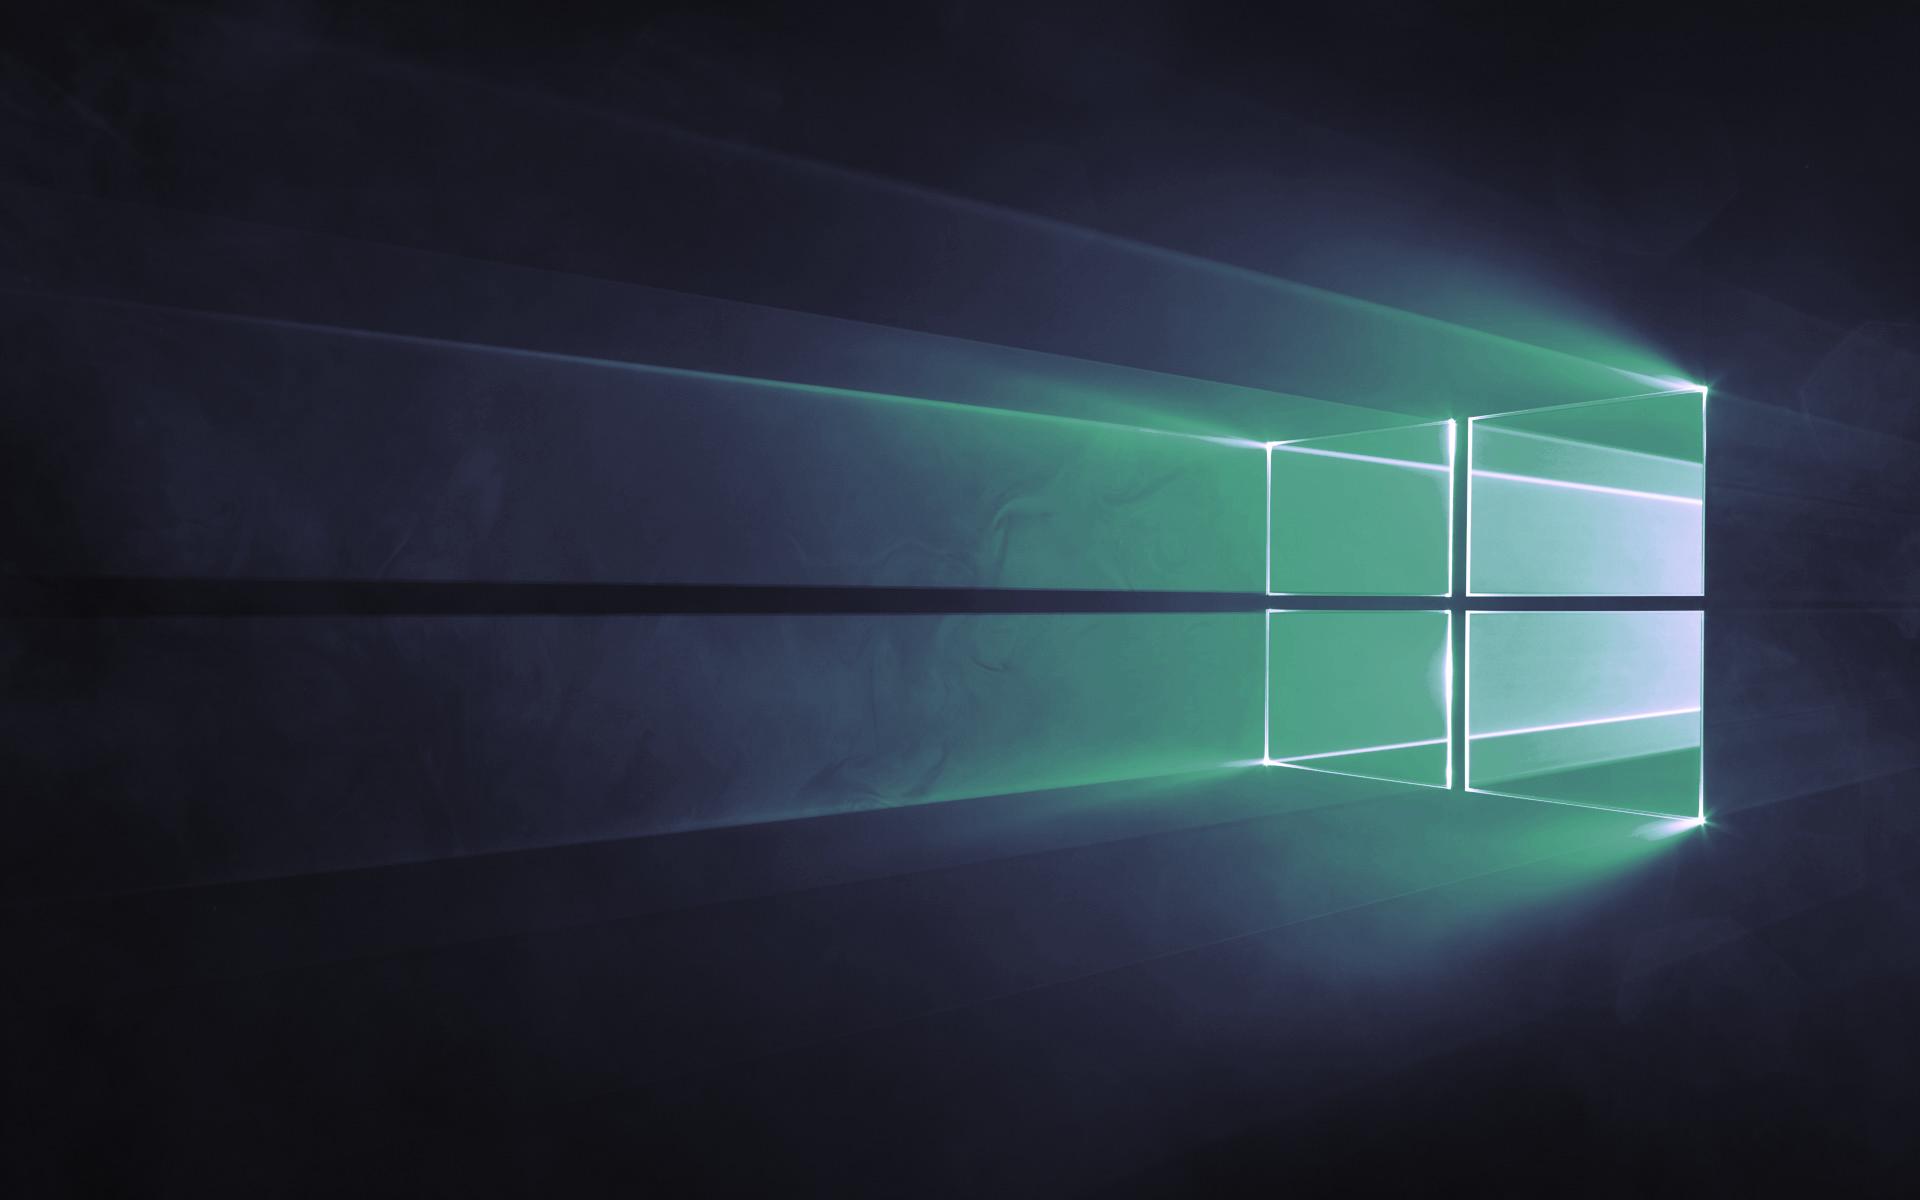 coders windows fan - photo #16